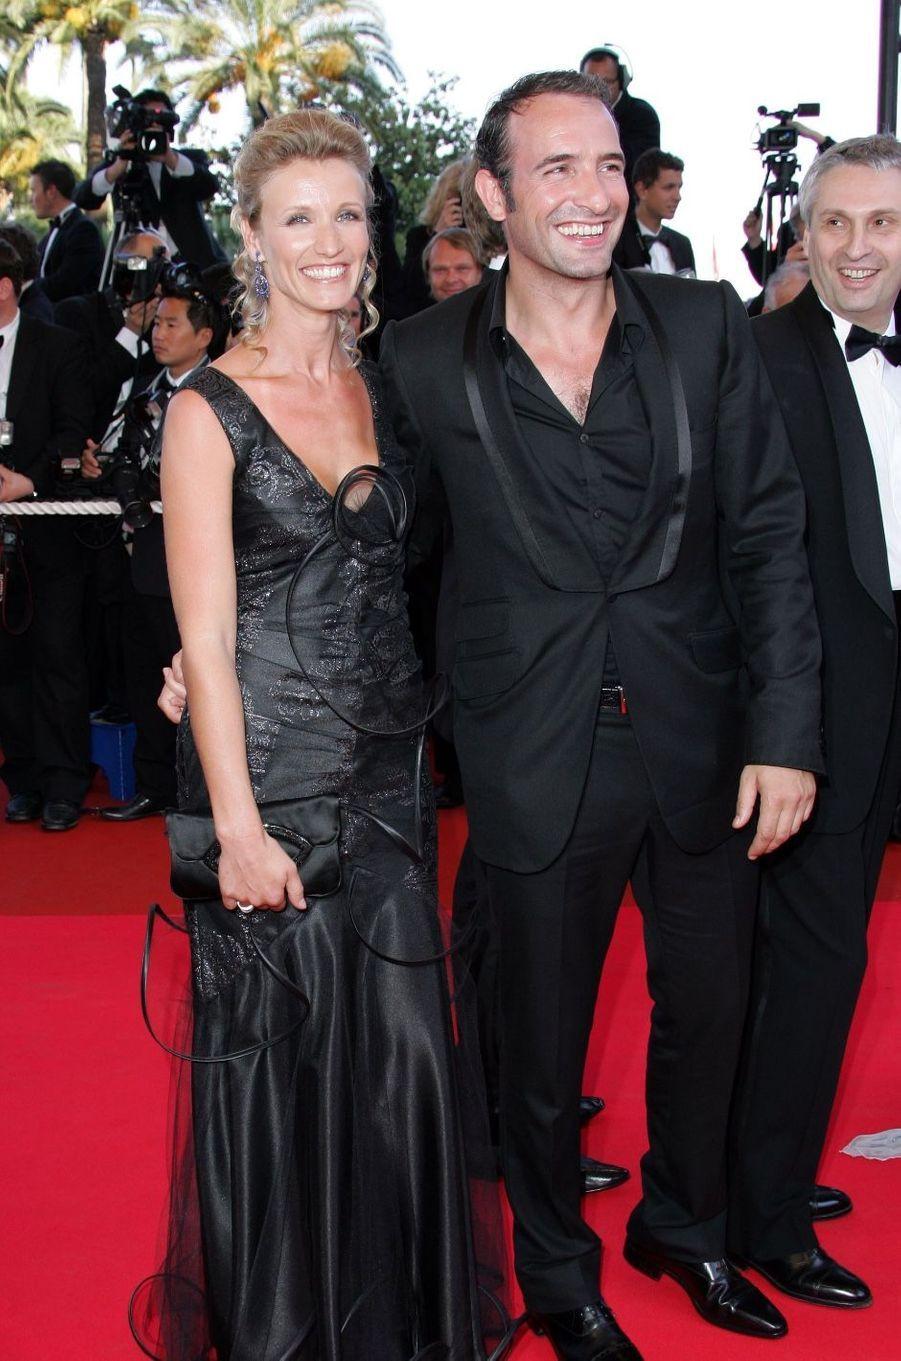 Alexandra Lamy et Jean Dujardin en 2007. Ils ont été mariés de 2009 à 2014.